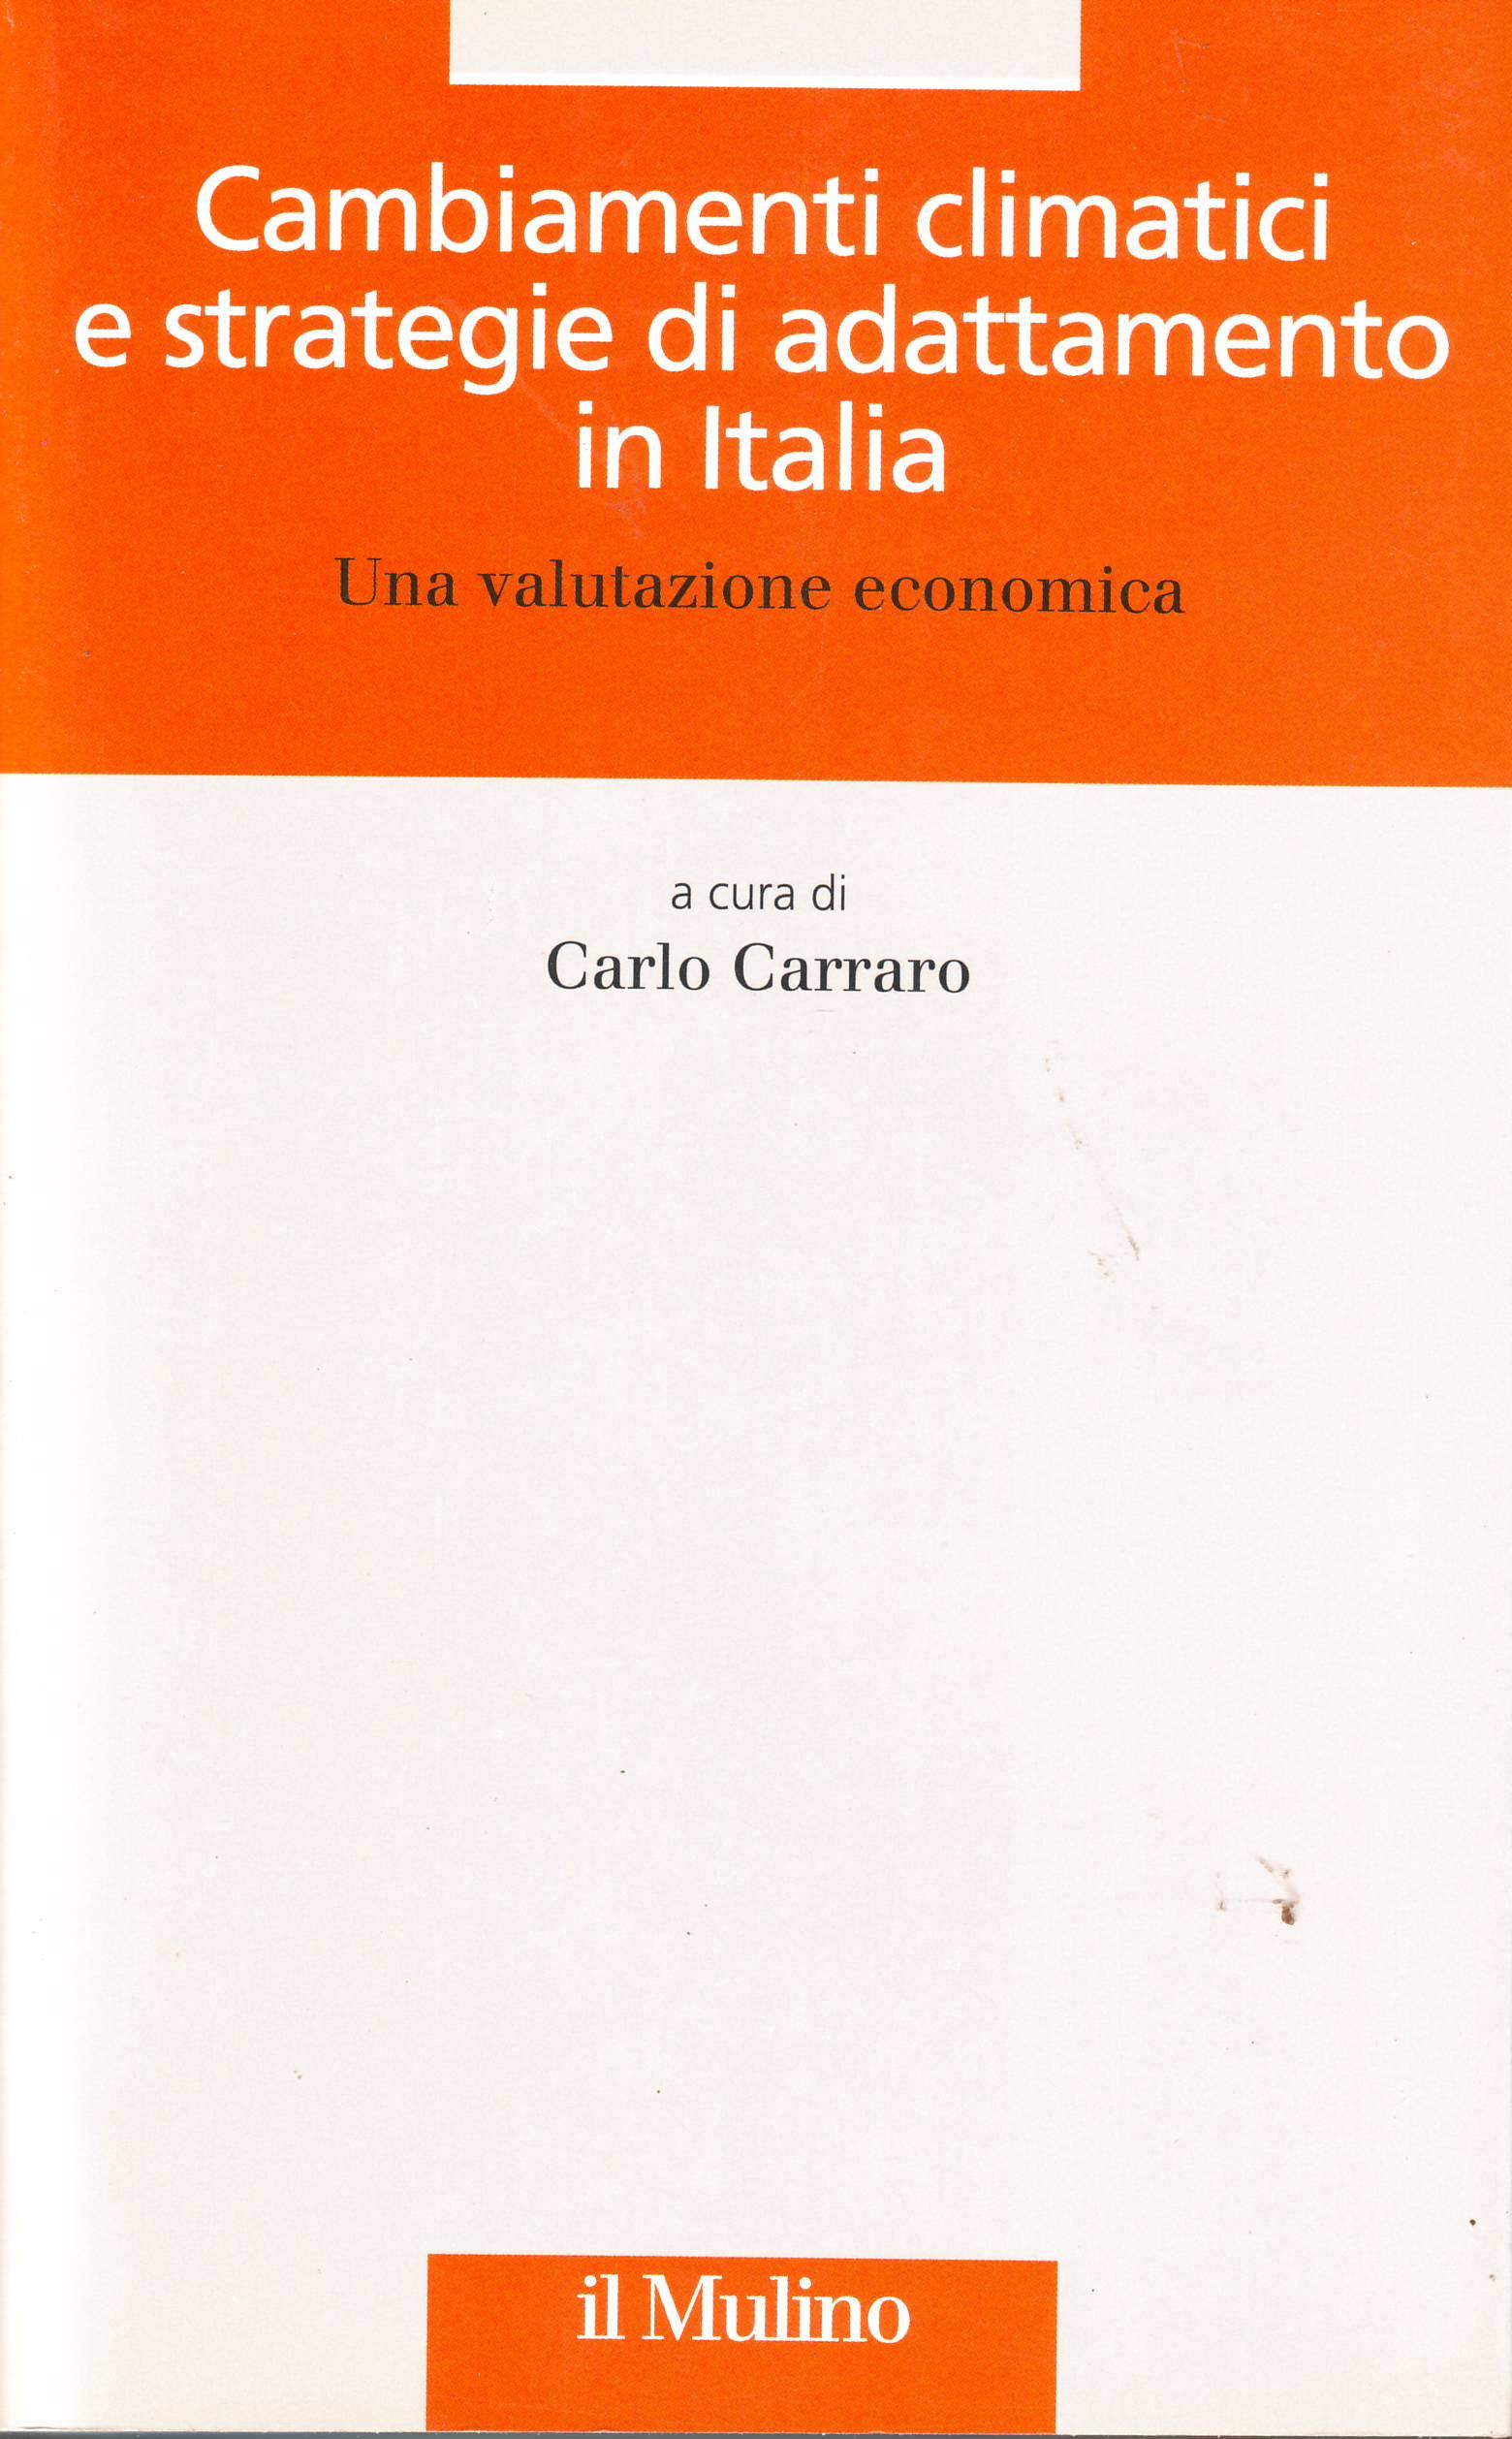 Cambiamenti climatici e strategie di adattamento in Italia